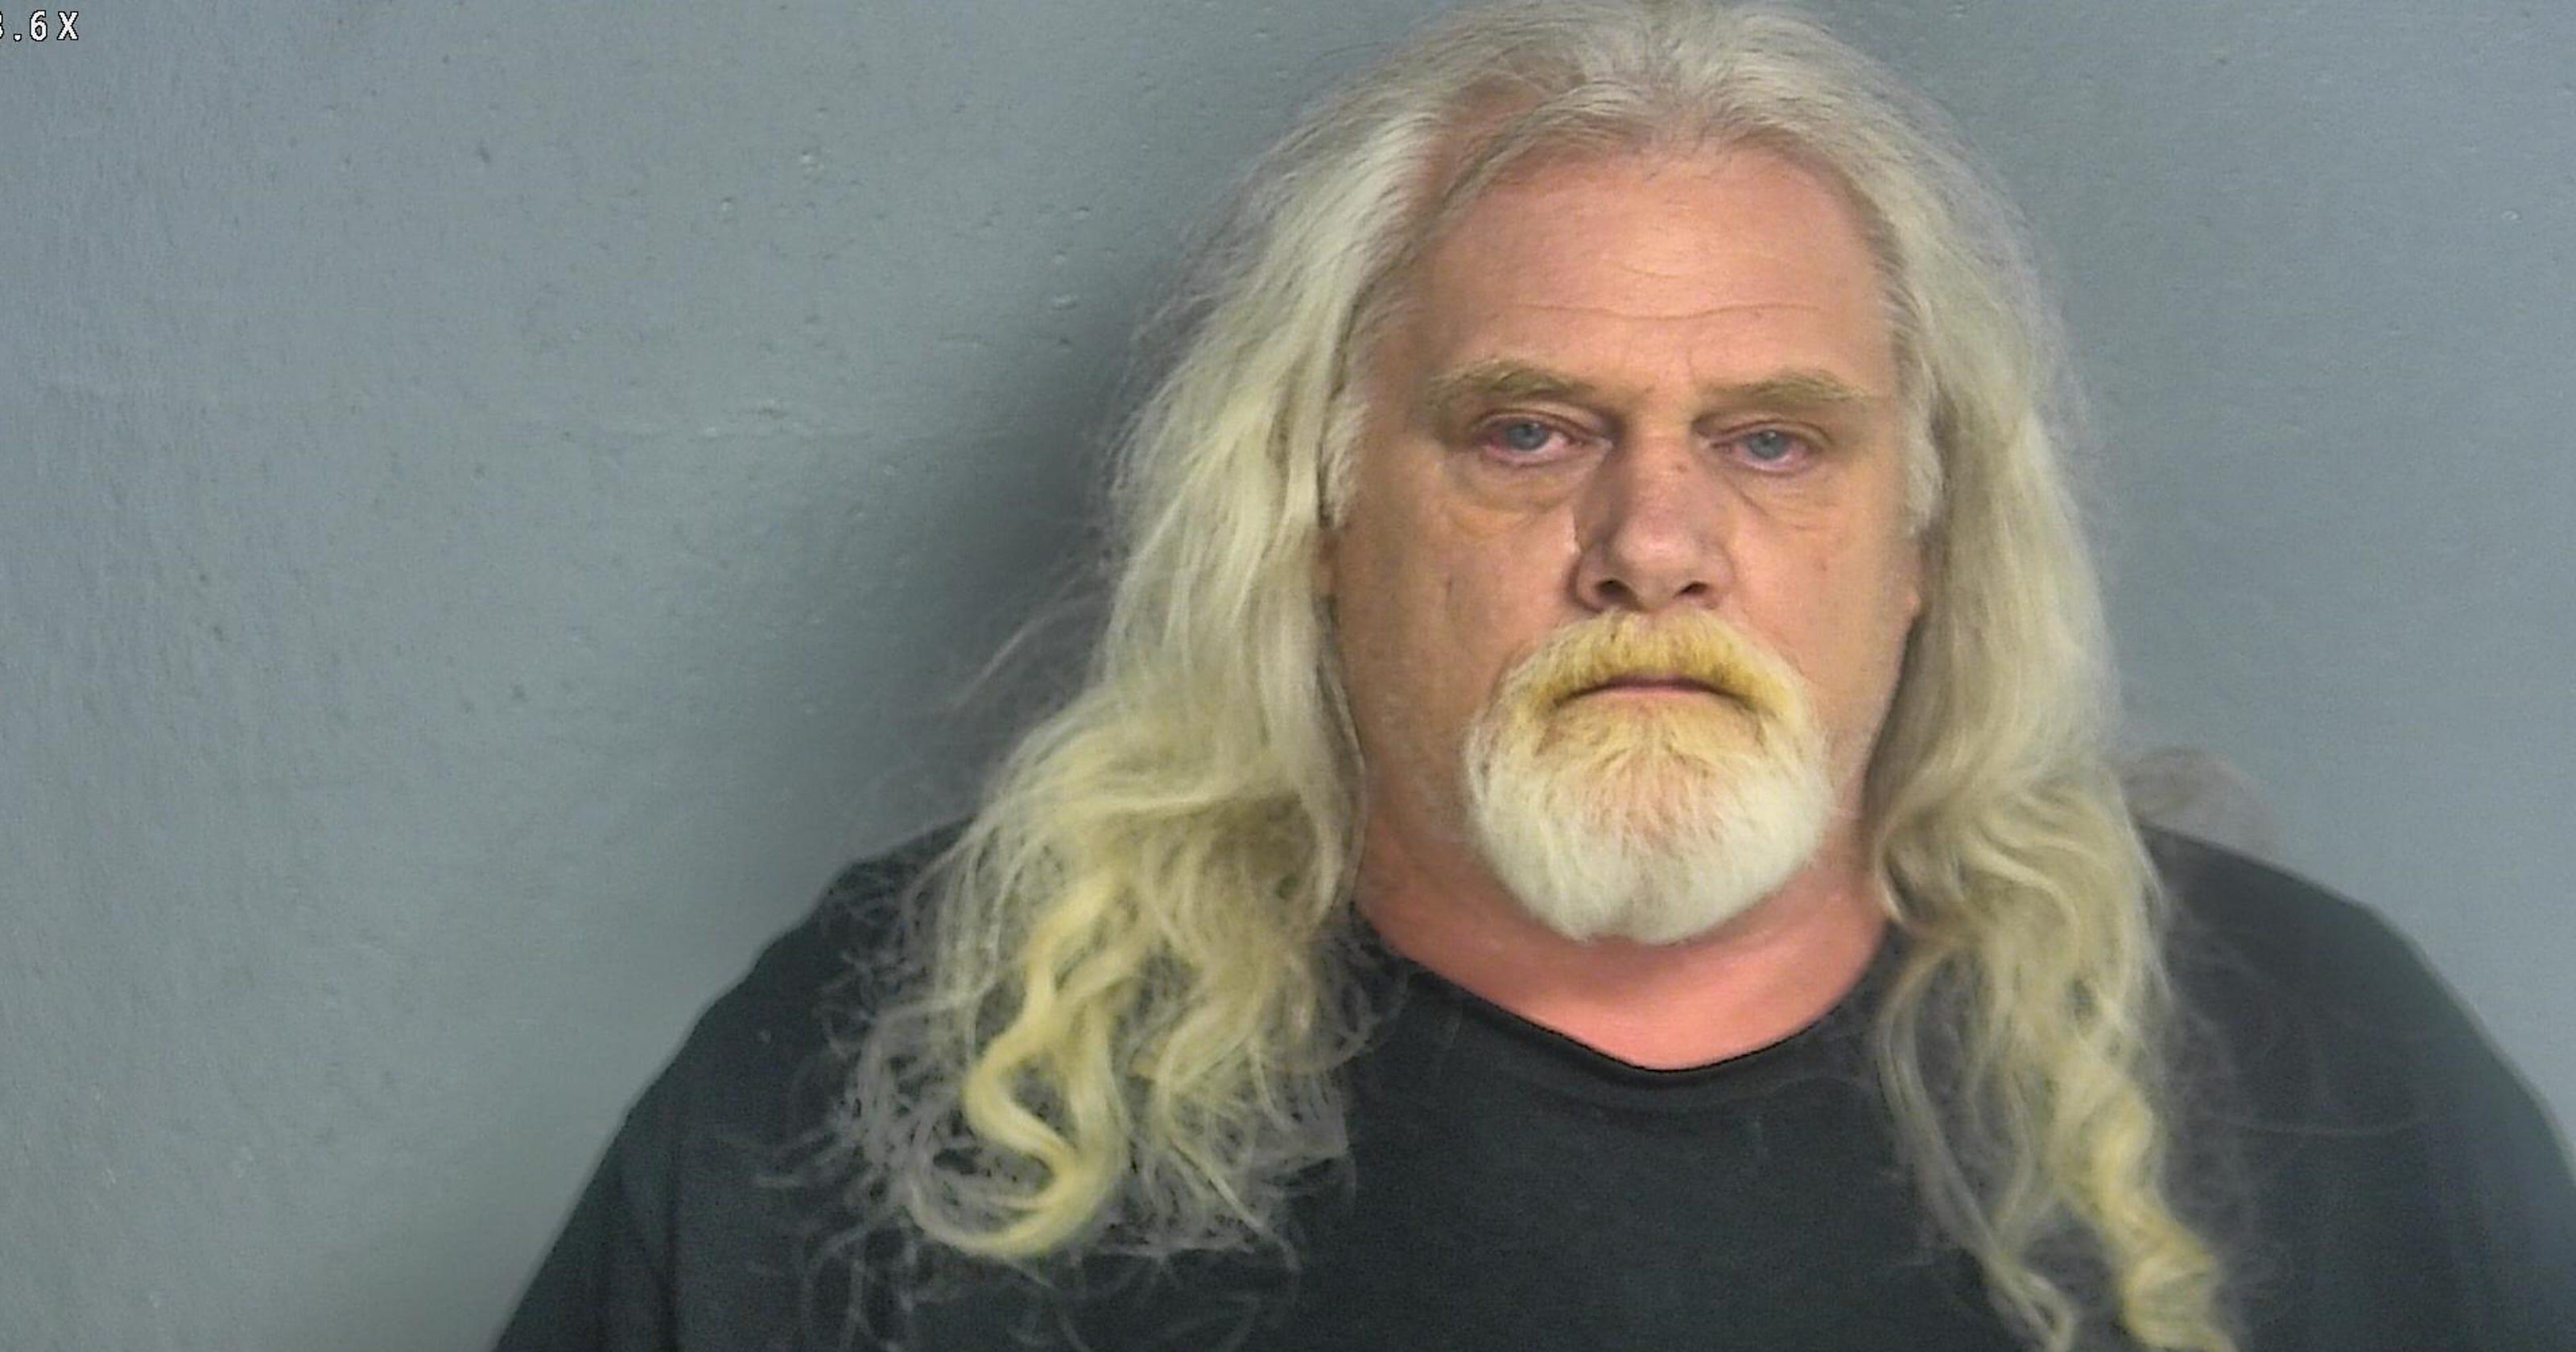 Former biker gang member sentenced in Springfield meth case